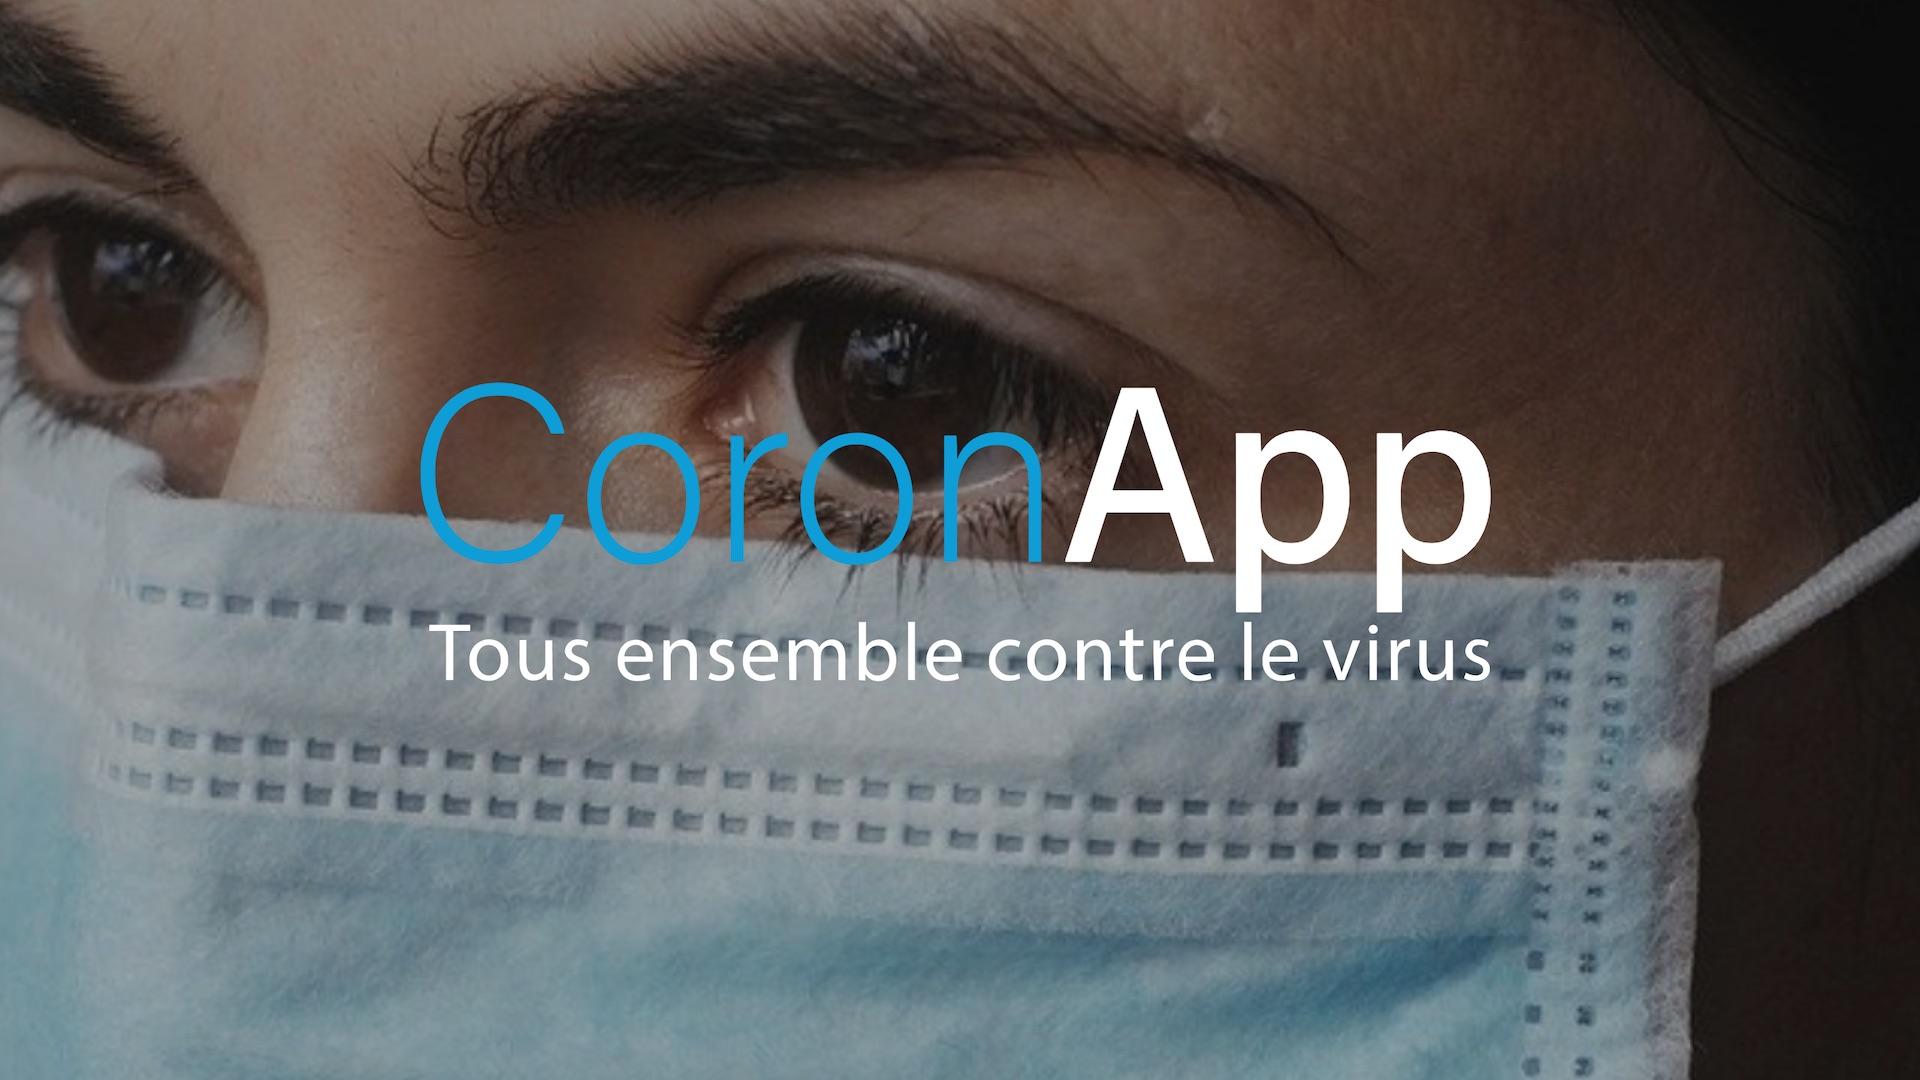 Coronavirus: n'utilisez pas CoronApp pour géolocaliser les malades en France